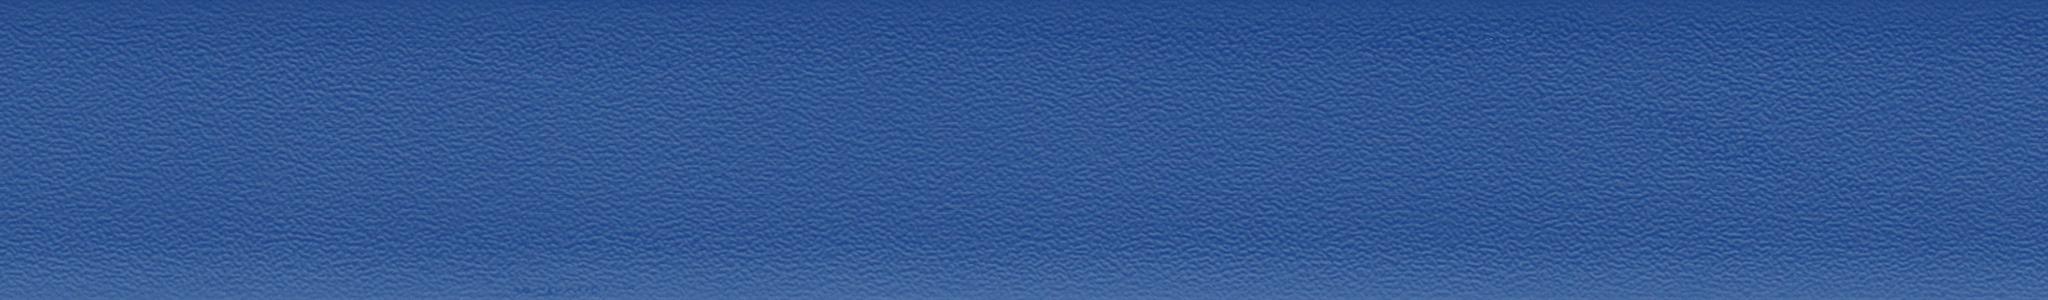 HU 15003 ABS hrana modrá perla 101